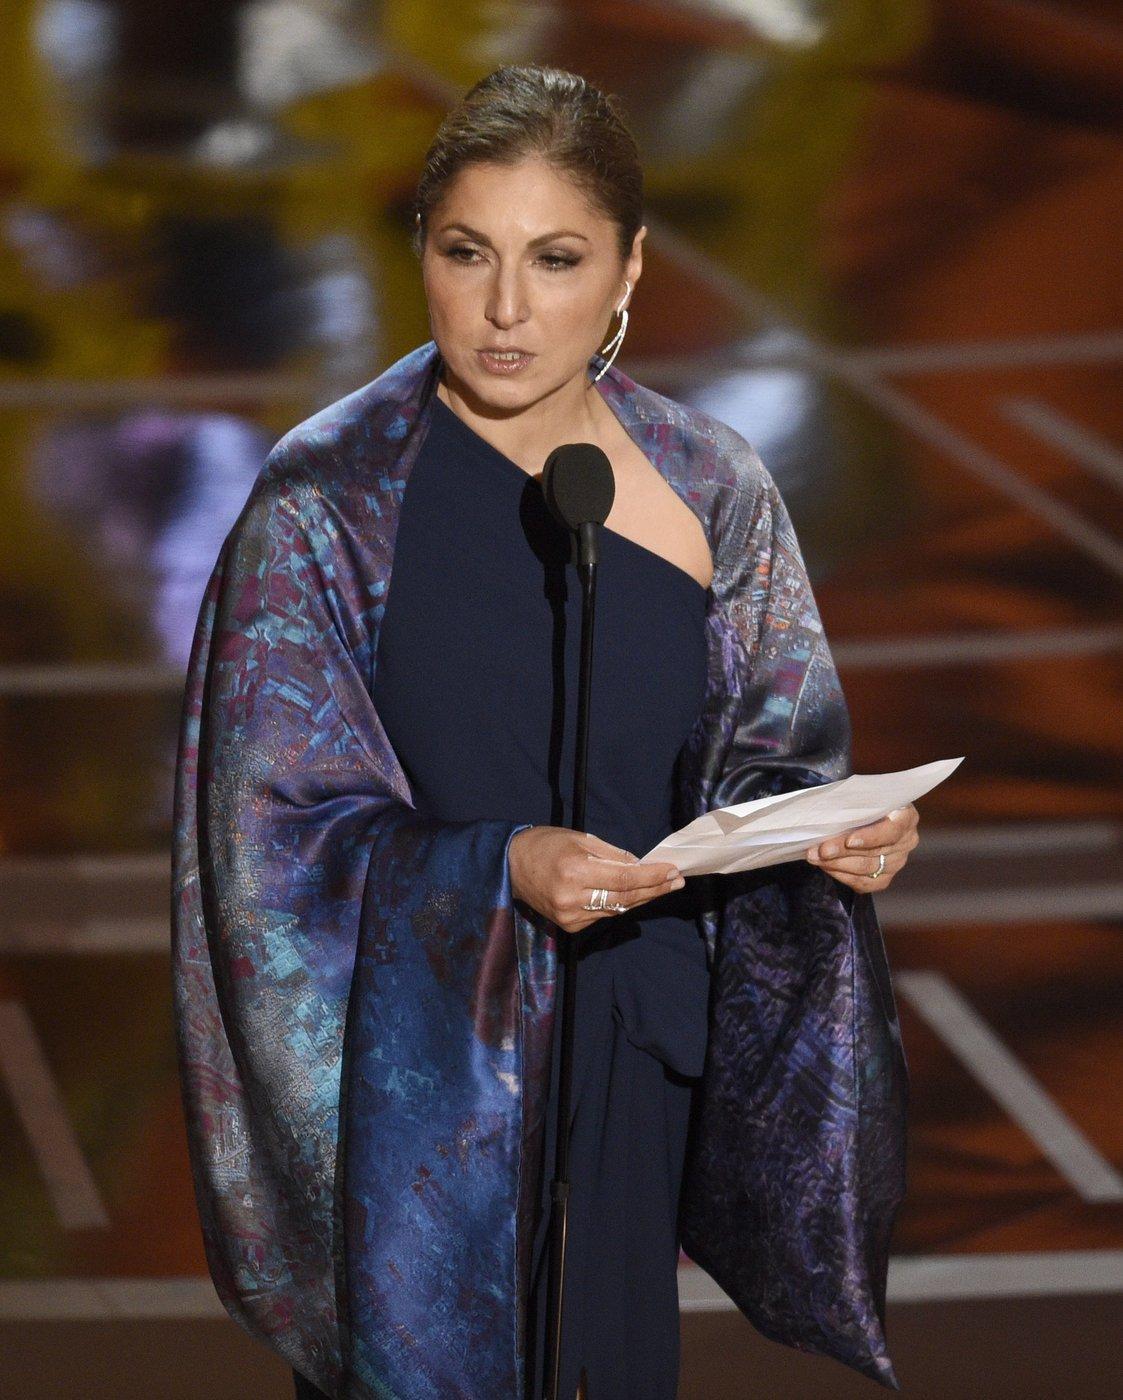 Anousheh Ansari iráni származású, amerikai űrhajósnő átveszi a legjobb idegen nyelvű filmnek ítélt díjat Aszgar Farhadi iráni rendező nevében a 89. Oscar-gálán a Los Angeles-i Dolby Színházban 2017. február 26-án. Farhadi Az ügyfél (The Salesman) című című filmjéért részesült az elismerésben. (MTI/AP/Chris Pizzello)